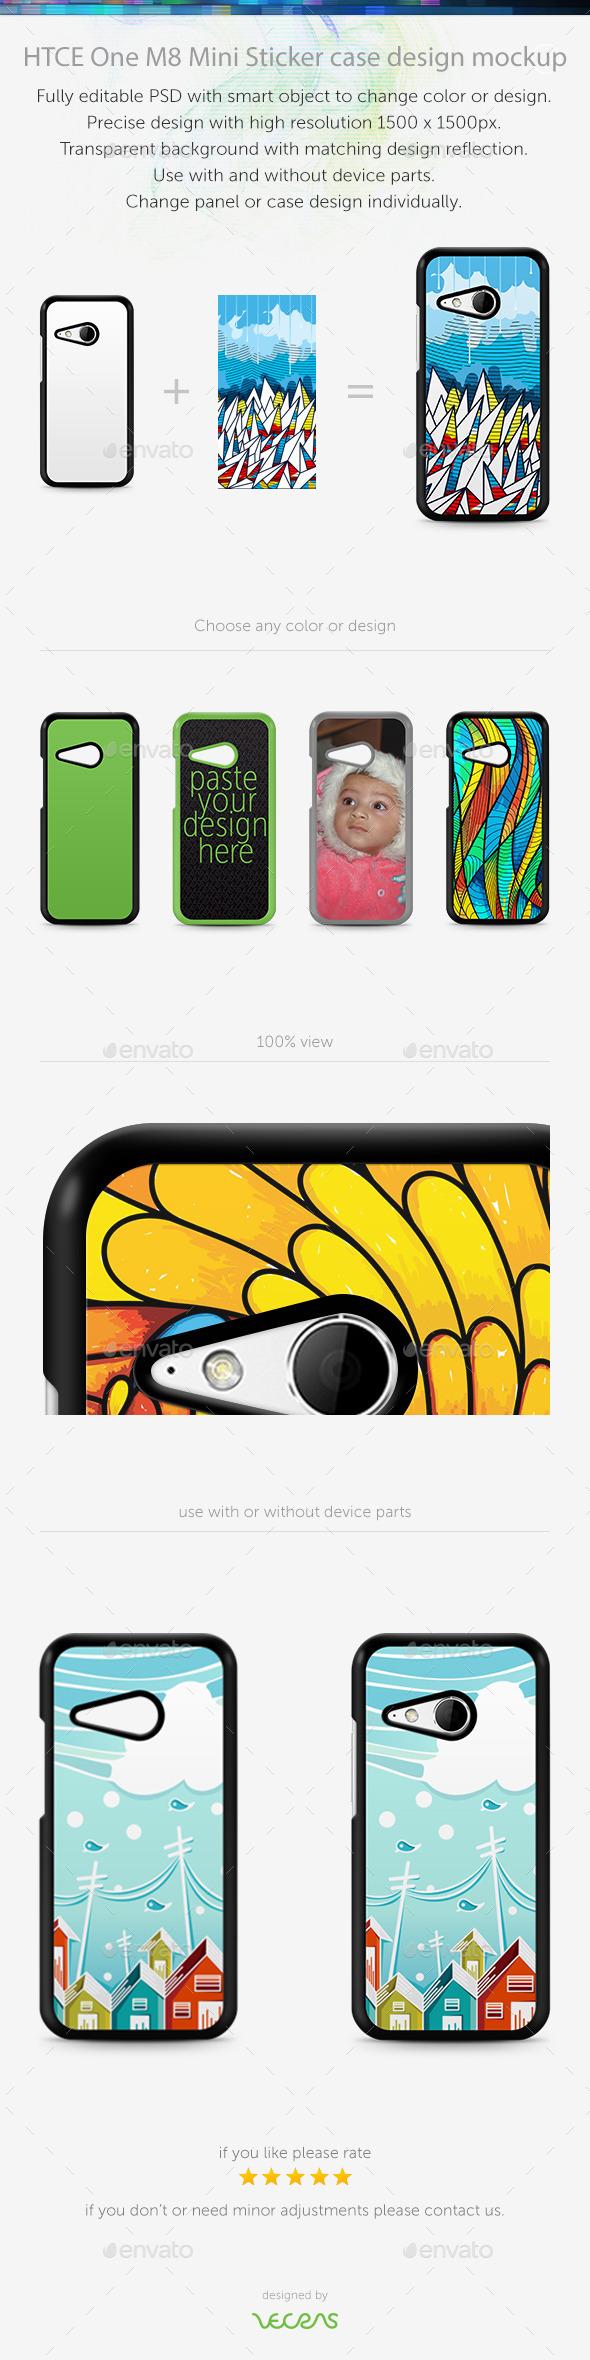 HTCE One M8 Mini Sticker Case Design Mockup